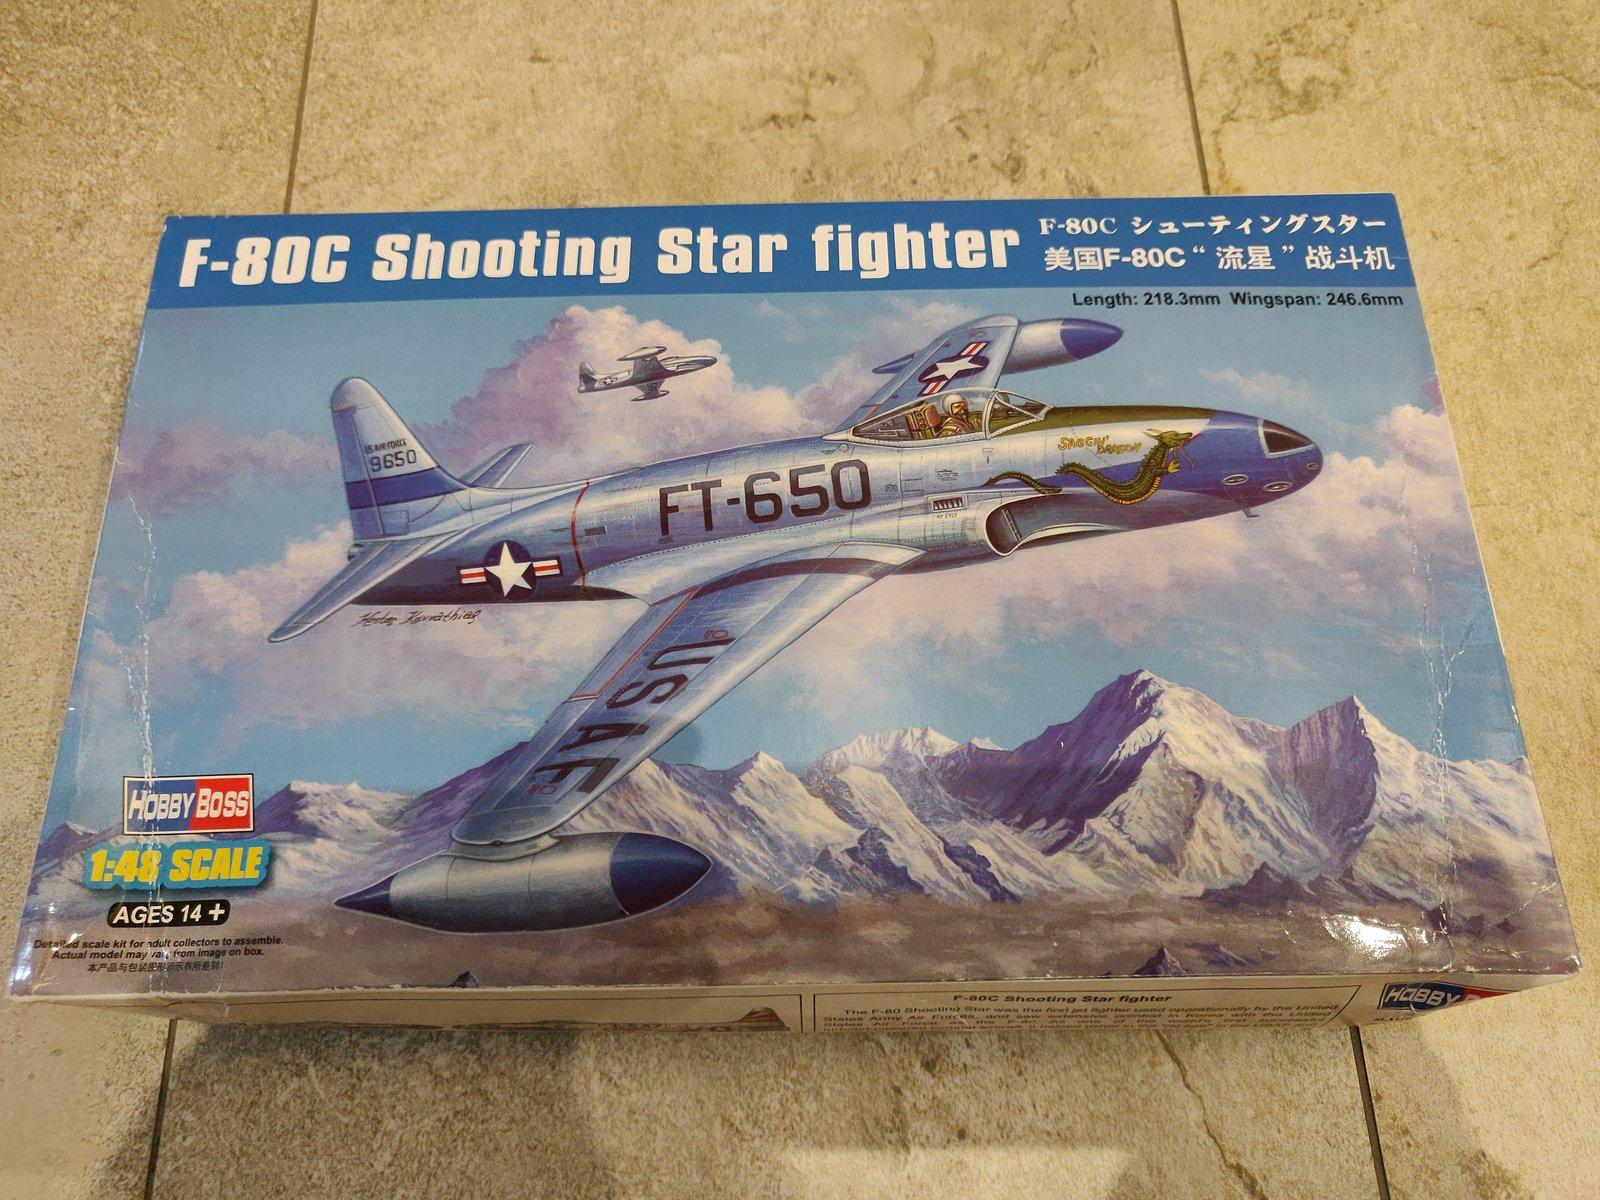 Avions 1/48 et 1/32 (nouveaux kits 20-04-20) 200306082105715865